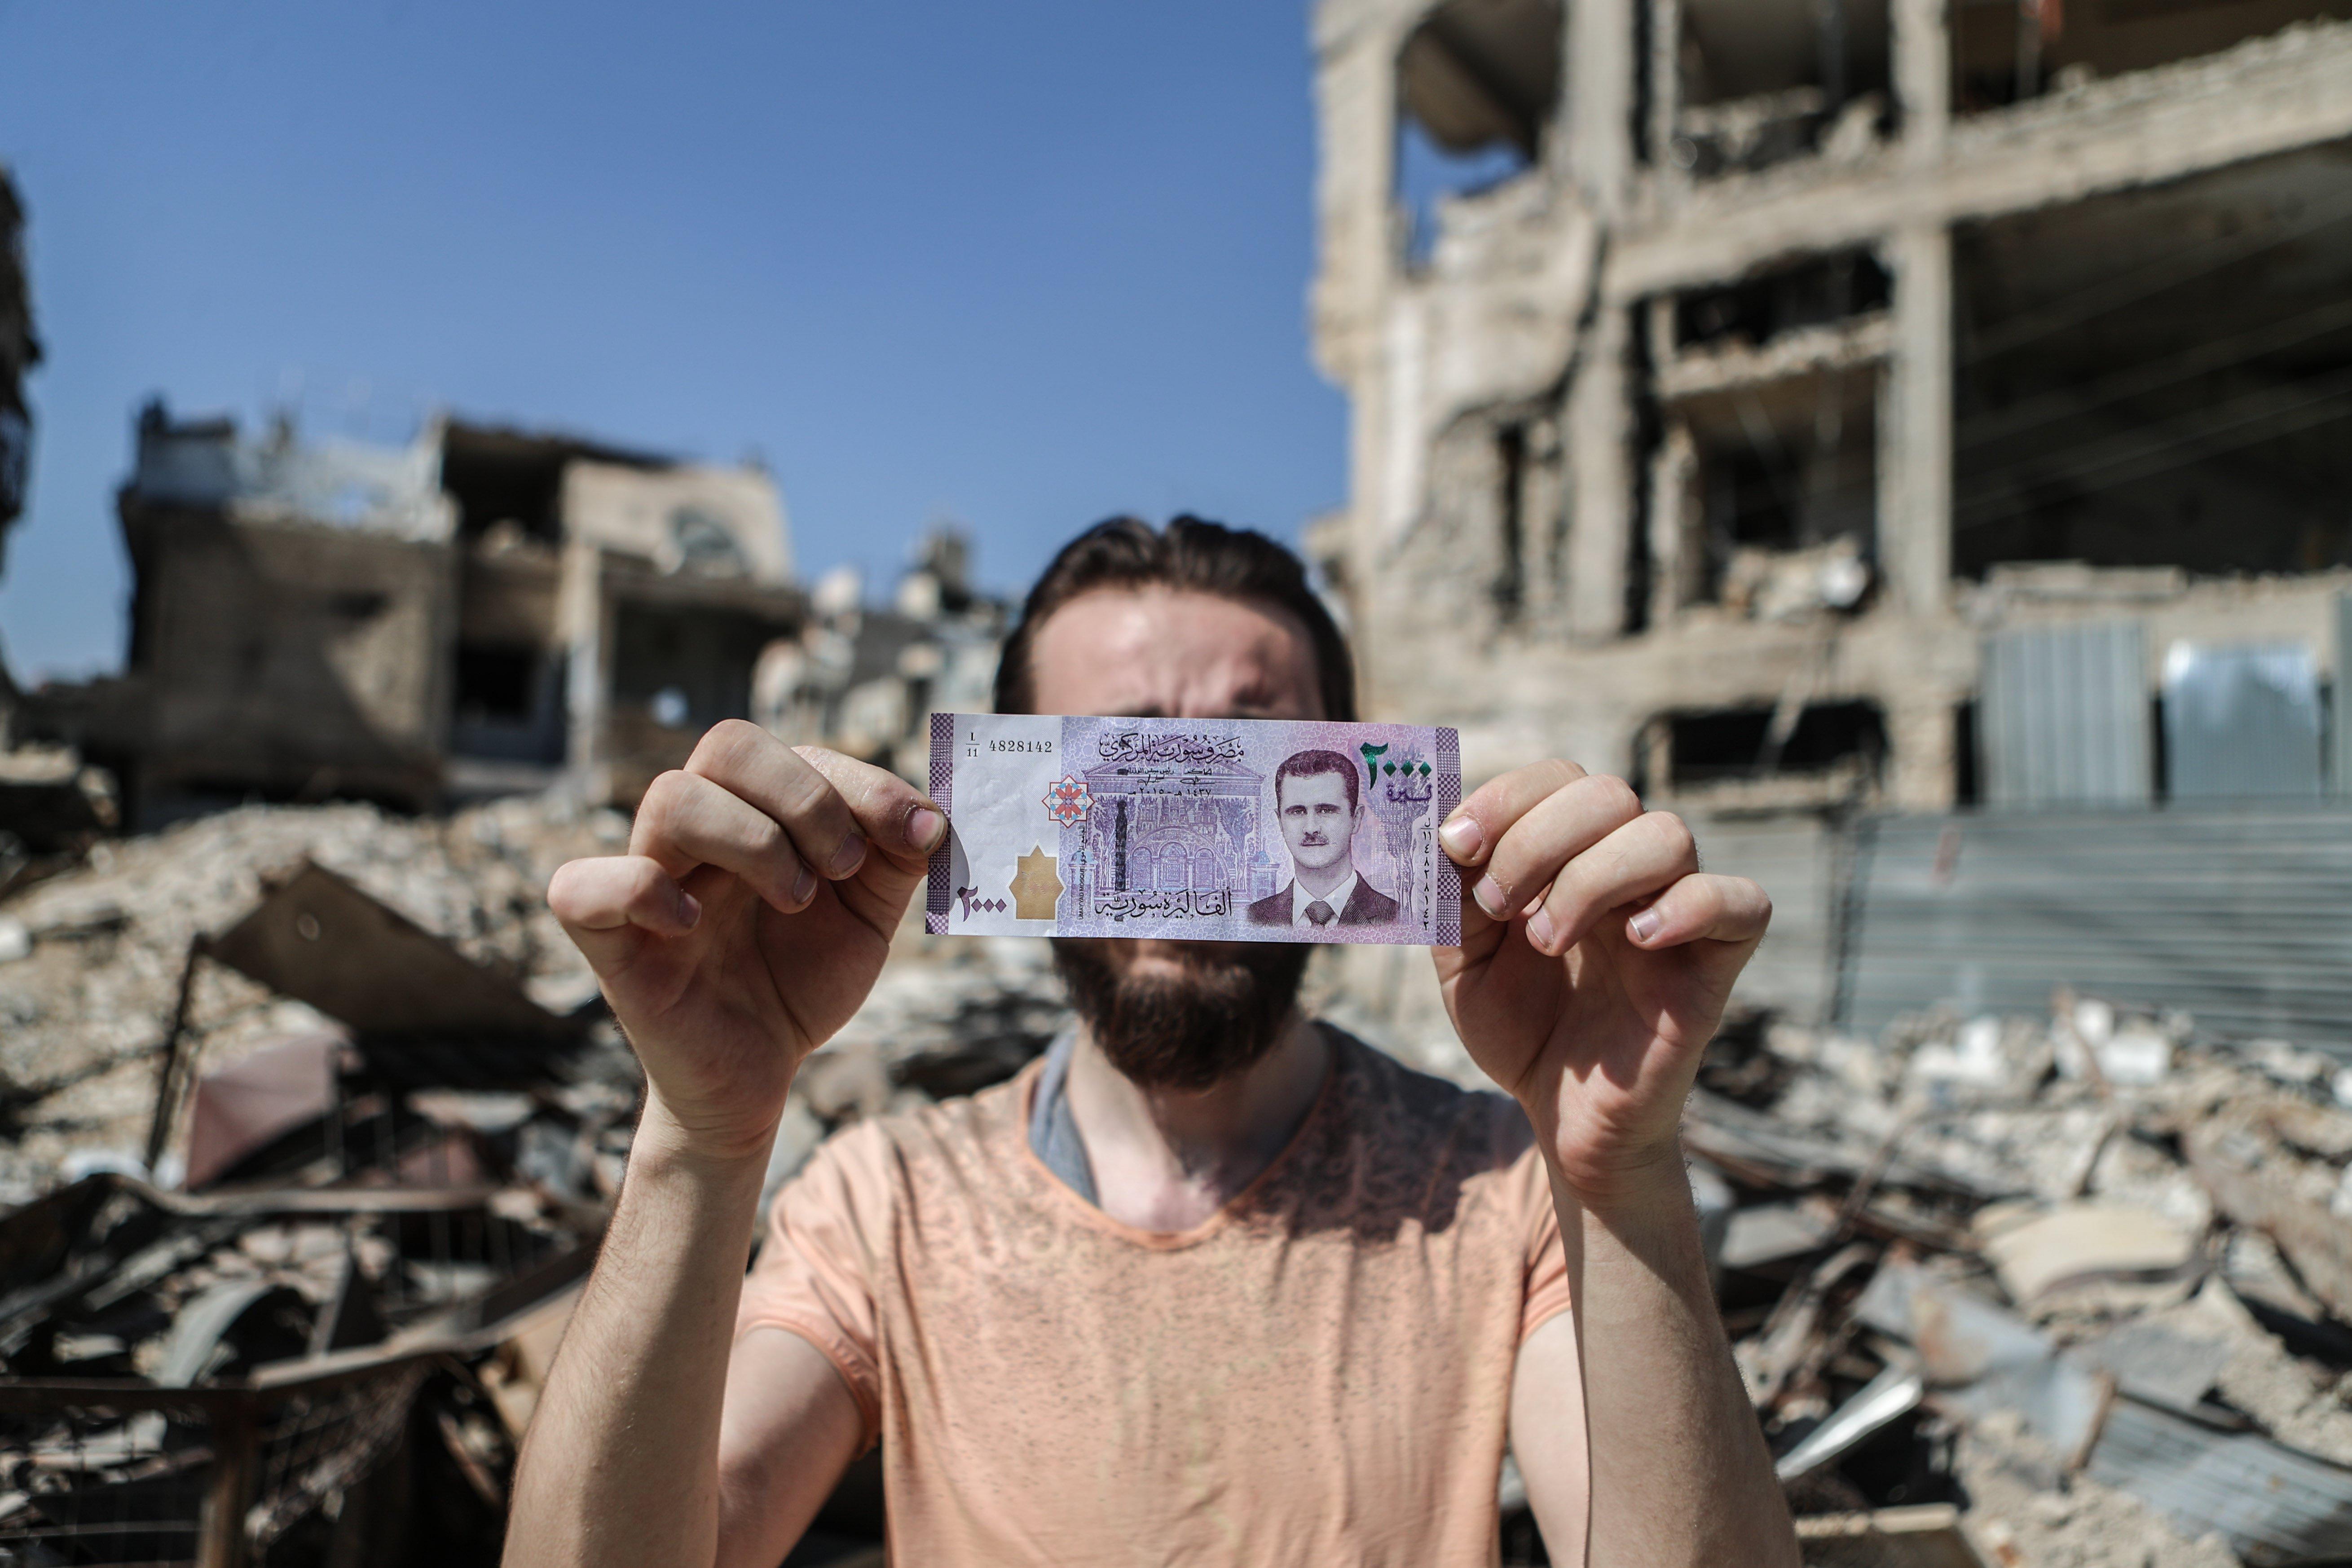 Geopolítica y guerra: seis años de conflicto armado en Siria